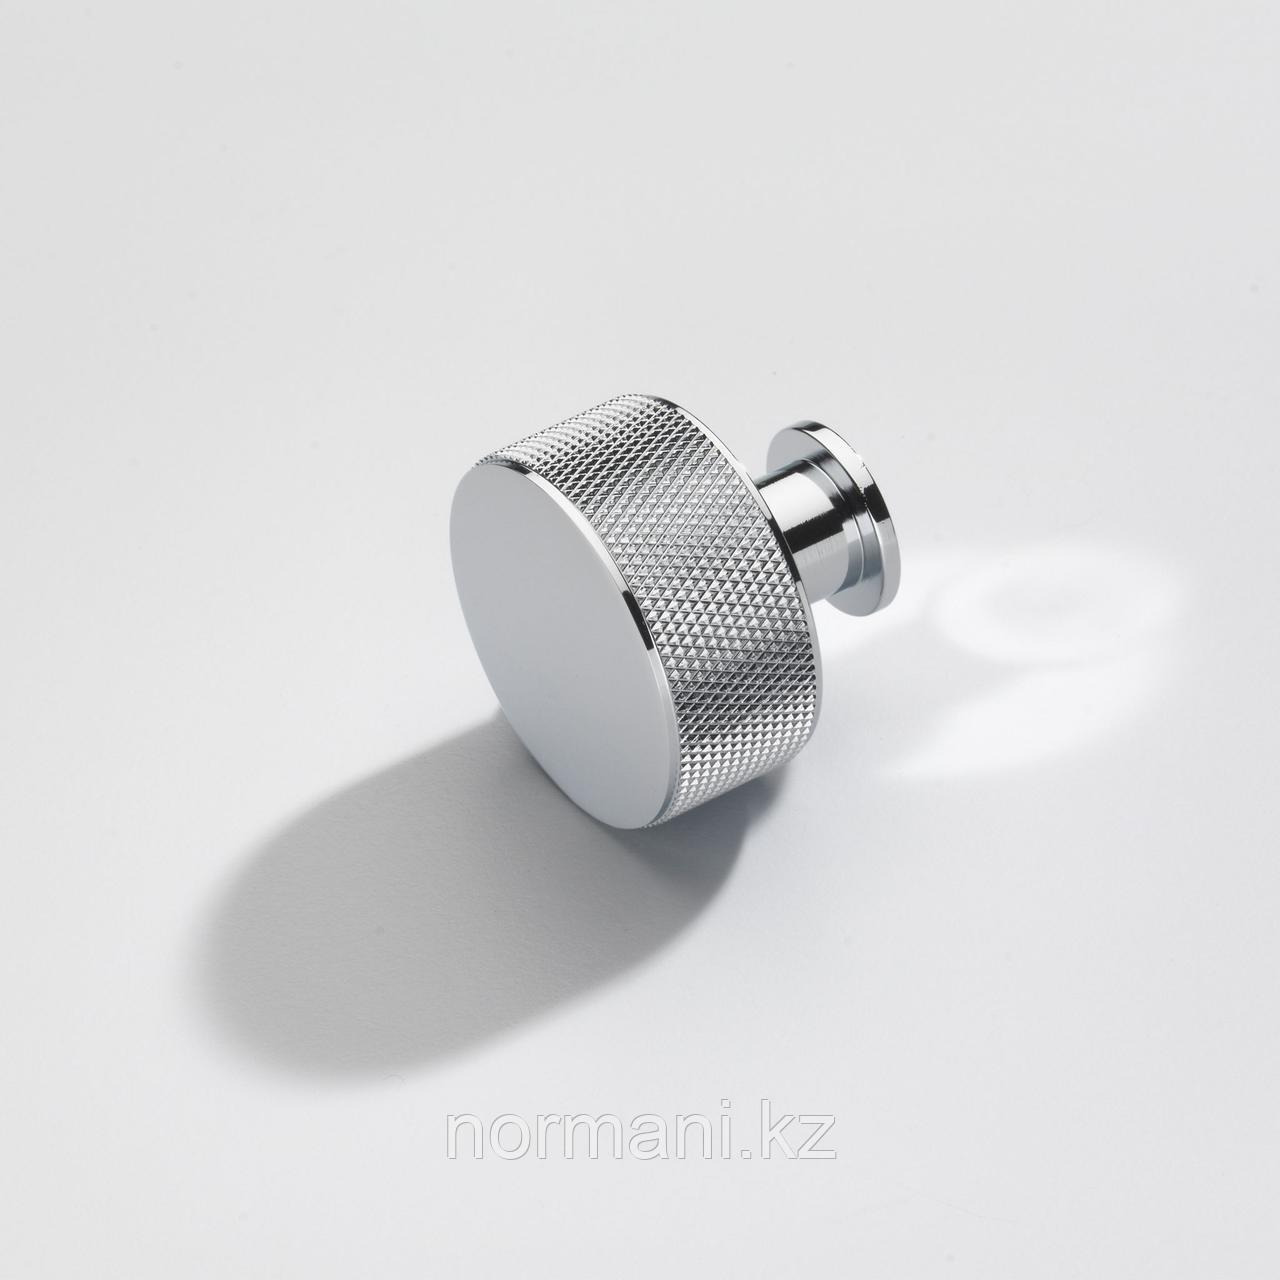 Ручка кнопка диаметр 35 мм, отделка хром глянец